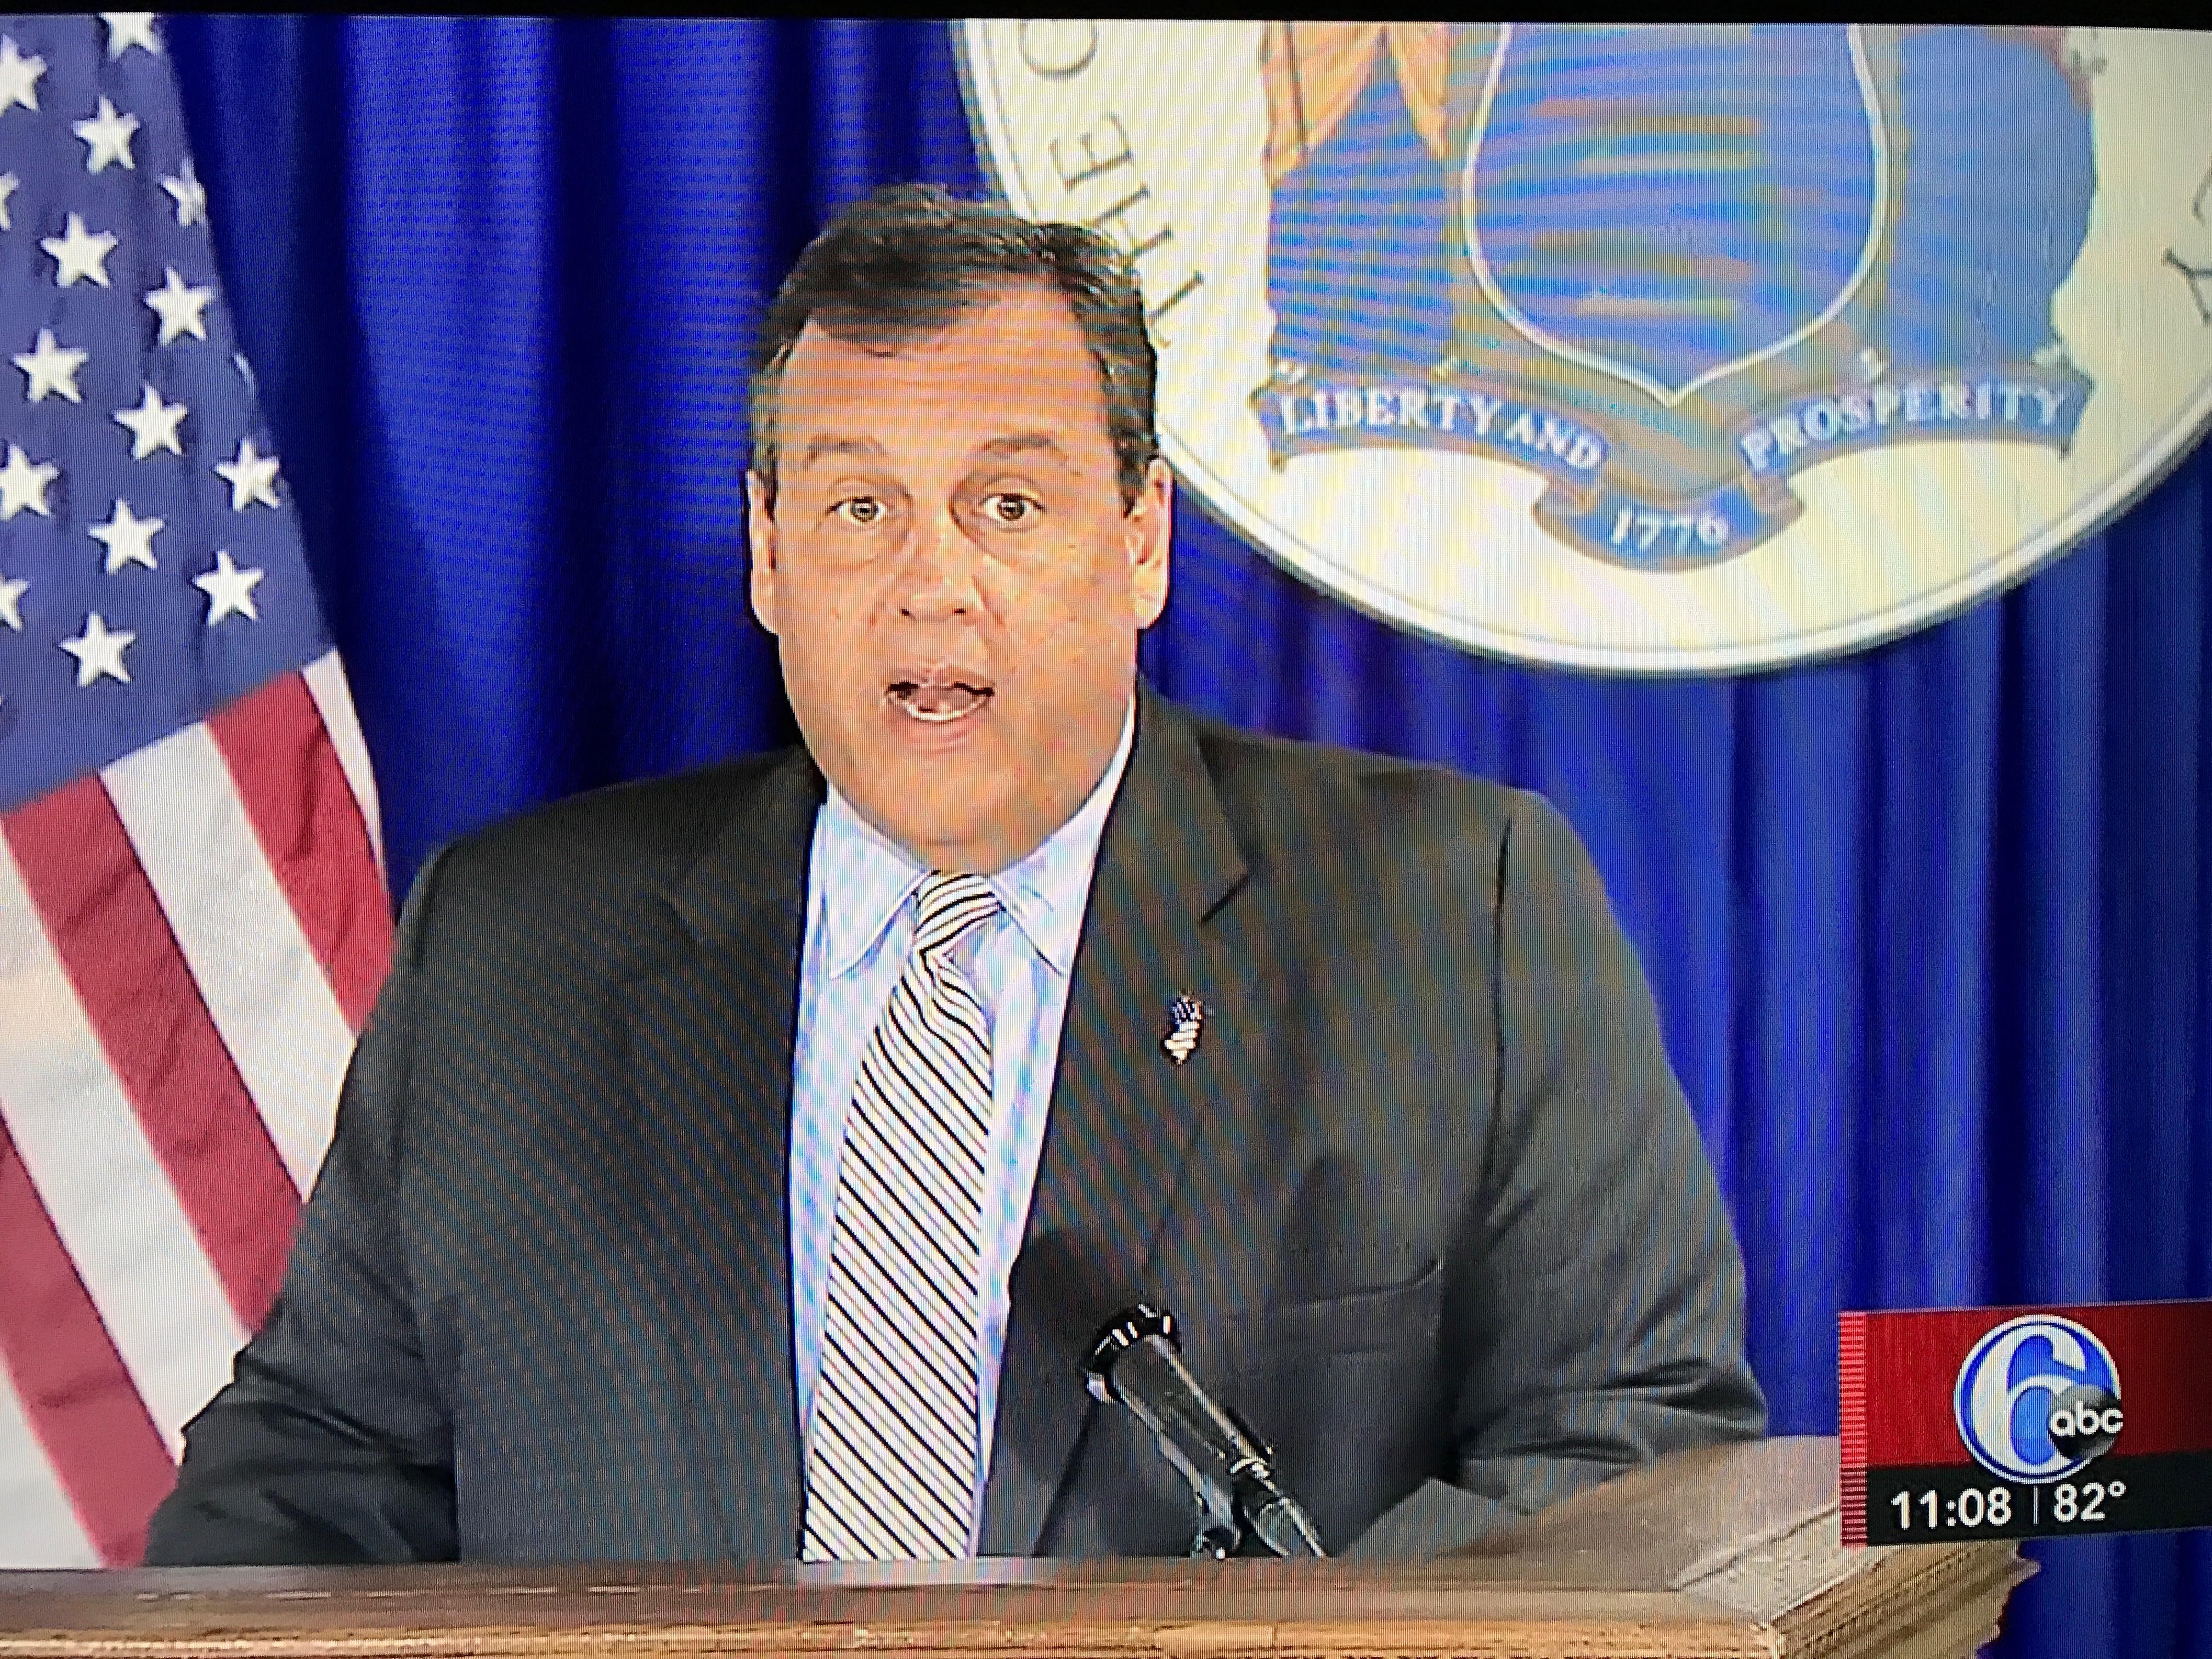 Gov. Chris Christie announces a budget deal, July 3, 2017. (Screenshot: WPVI-TV)